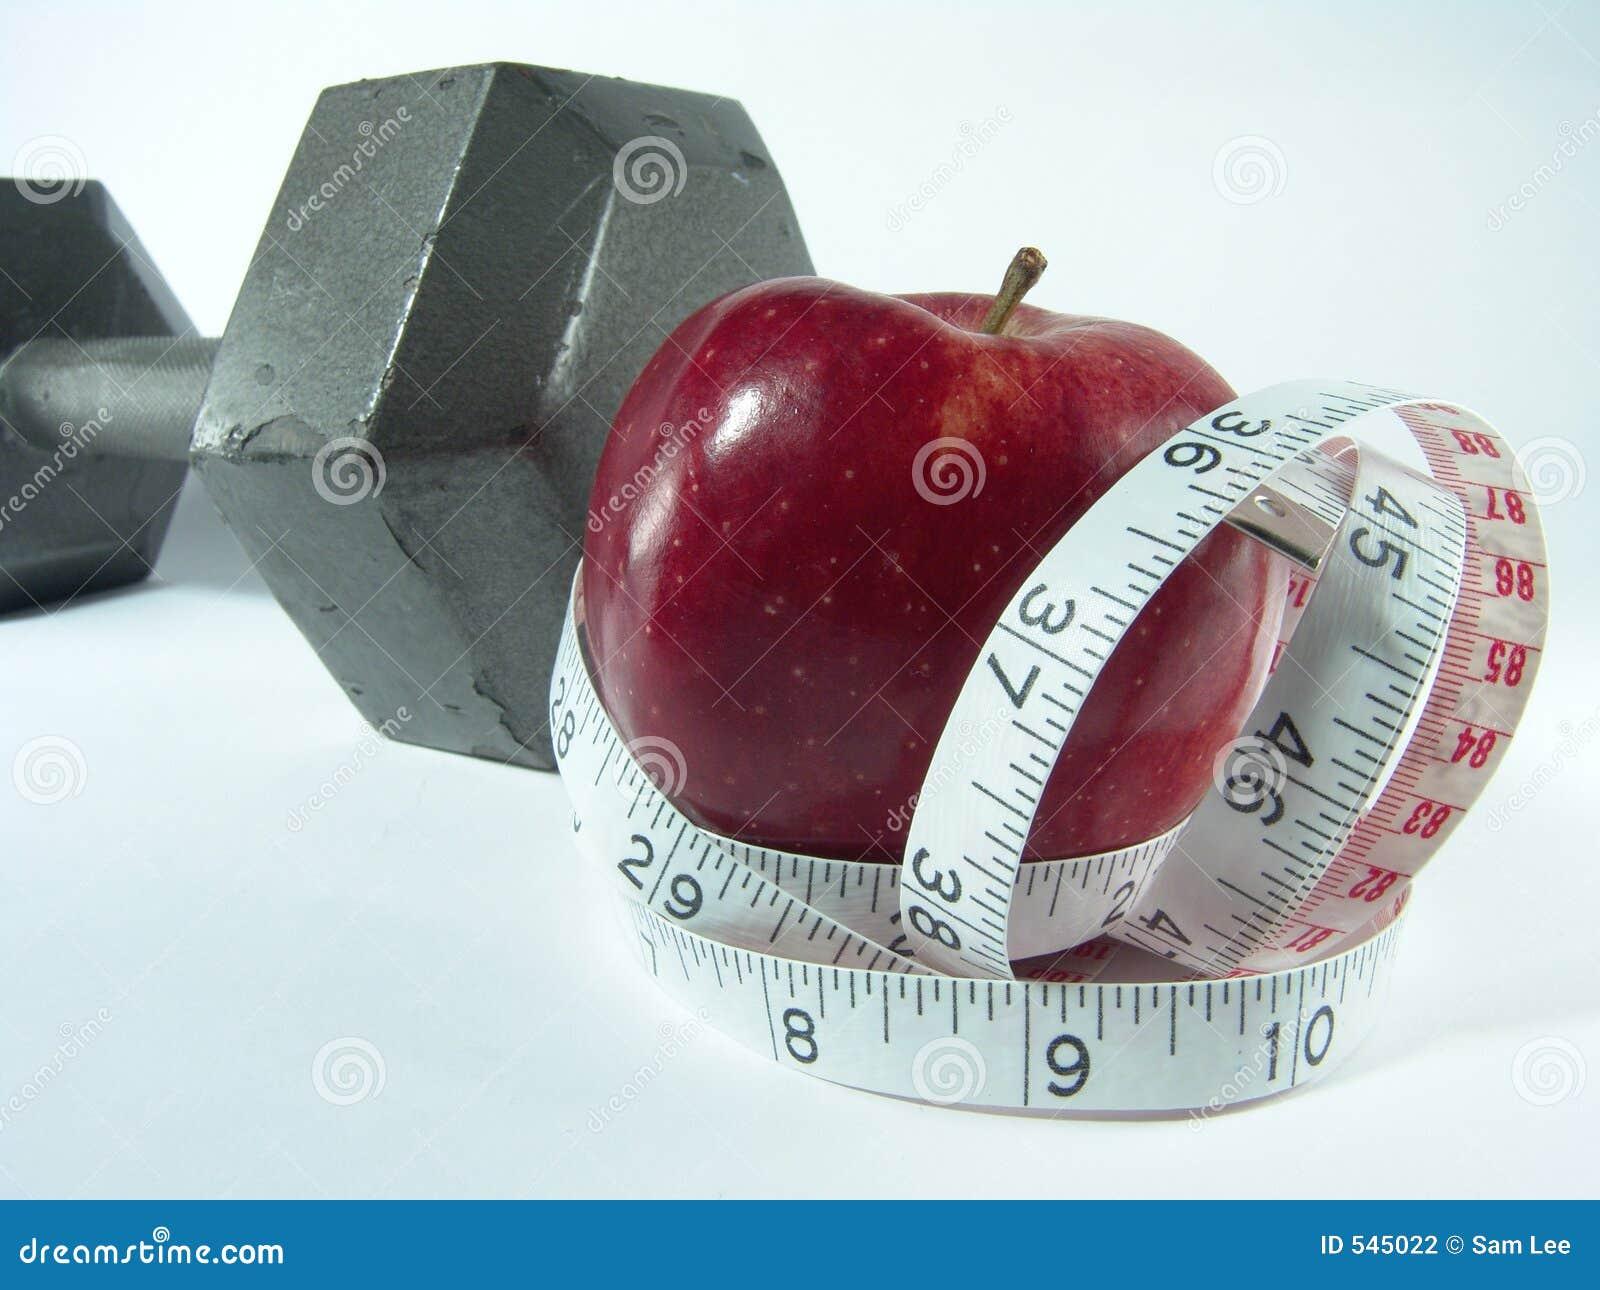 Download 健康饮食的执行 库存照片. 图片 包括有 疾病, 英寸, 医学, 营养素, 的闪烁, 肥胖, 健身, 肥胖病 - 545022